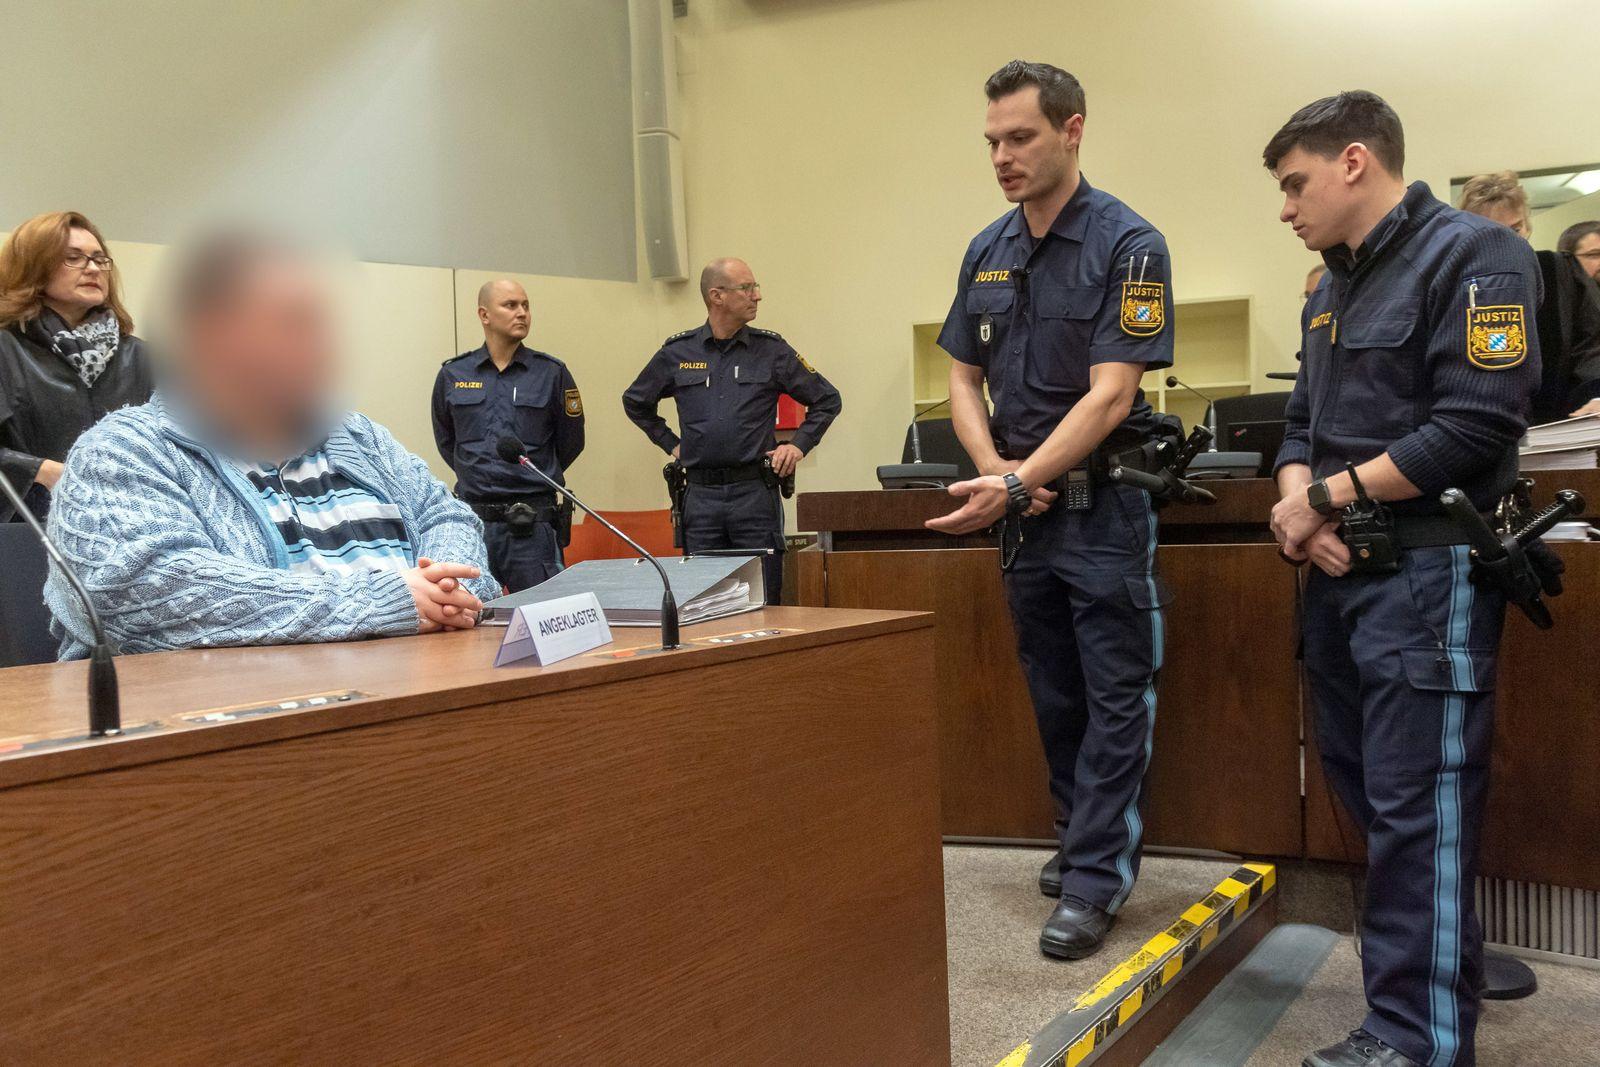 Vor dem Urteil in Prozess gegen Hilfspfleger wegen Mordes